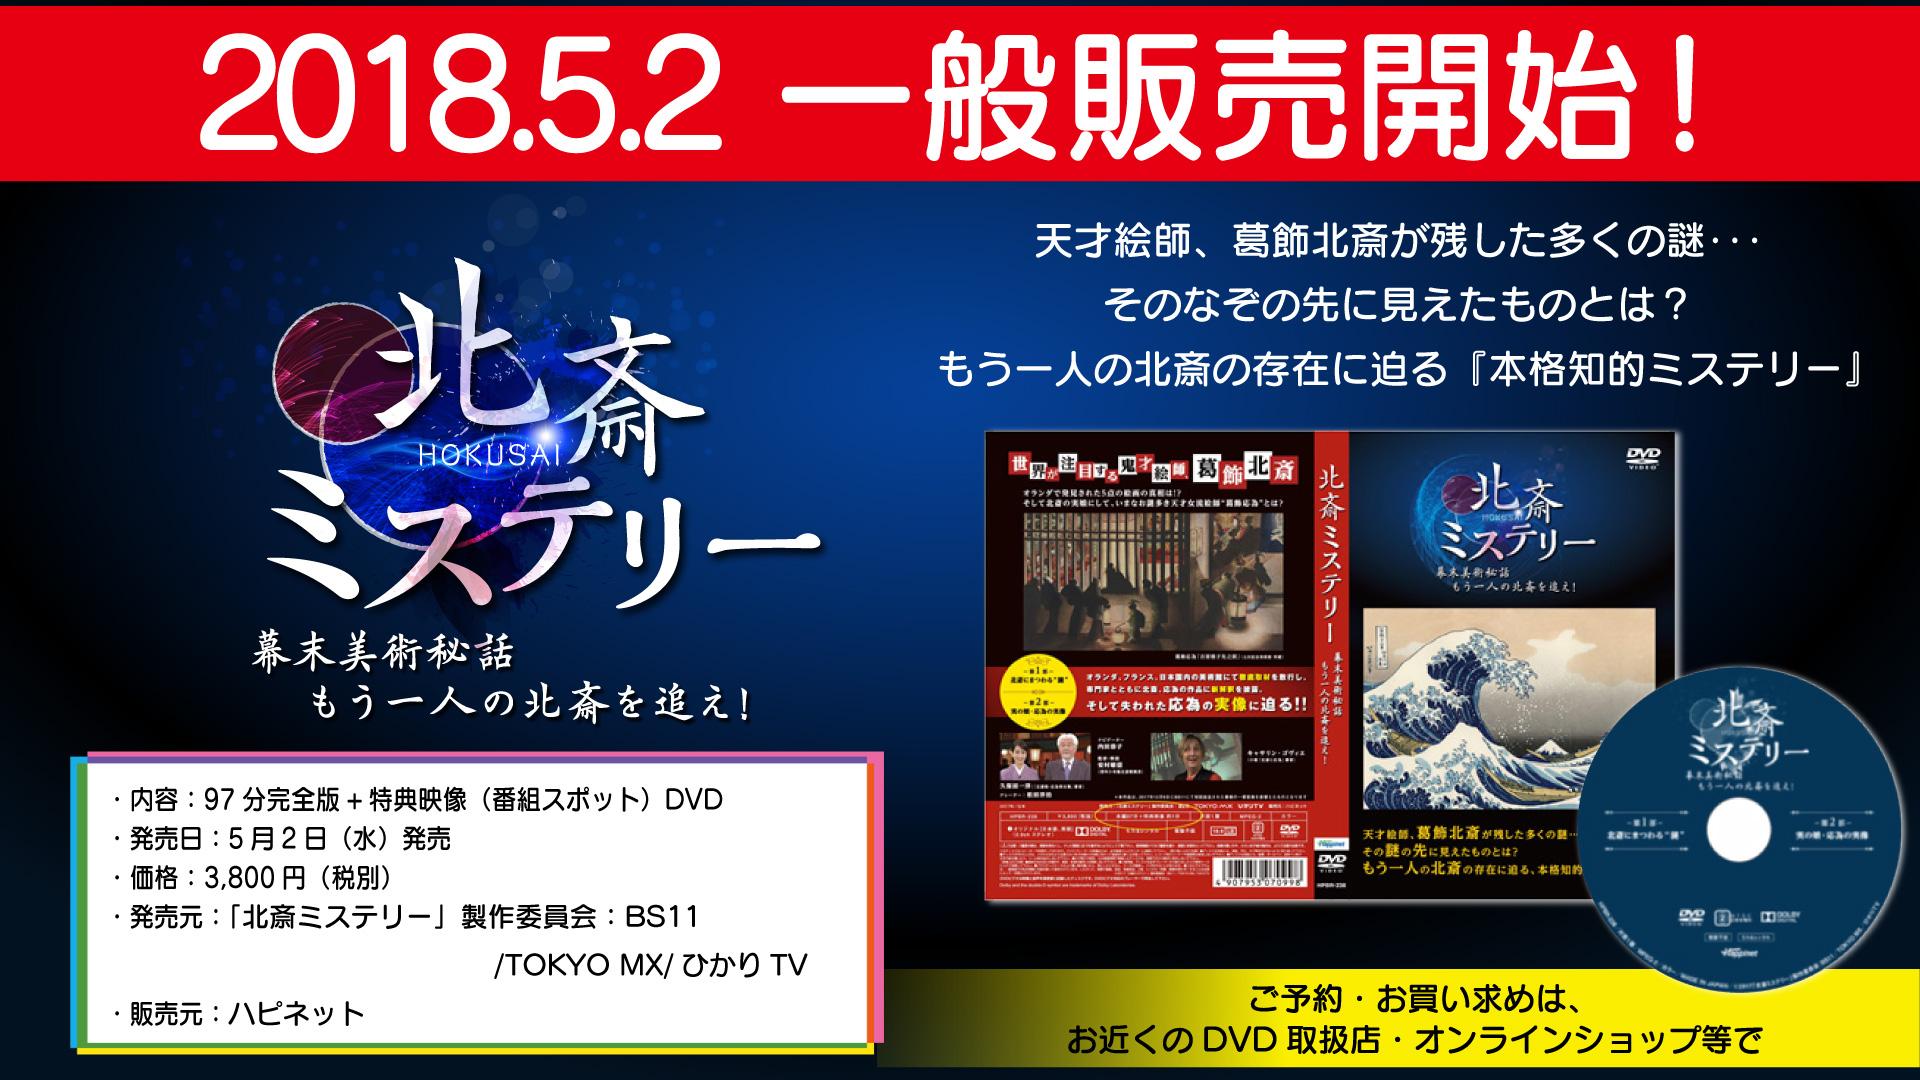 北斎ミステリー ~幕末美術秘話 もう一人の北斎を追え~DVD発売